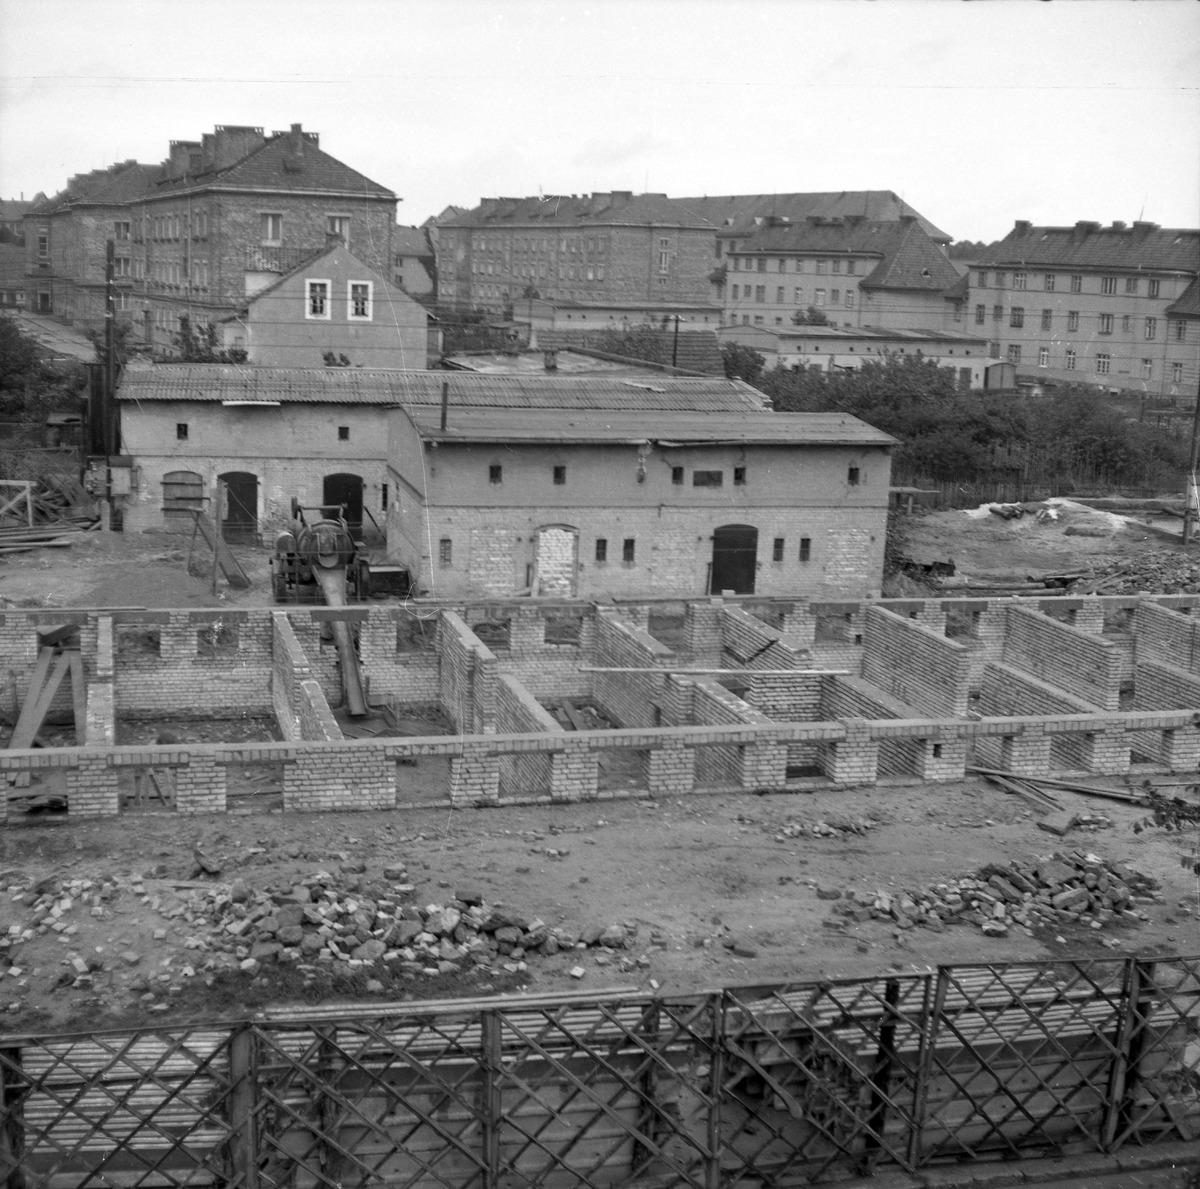 Blok przy ul. Kościuszki w budowie [4]